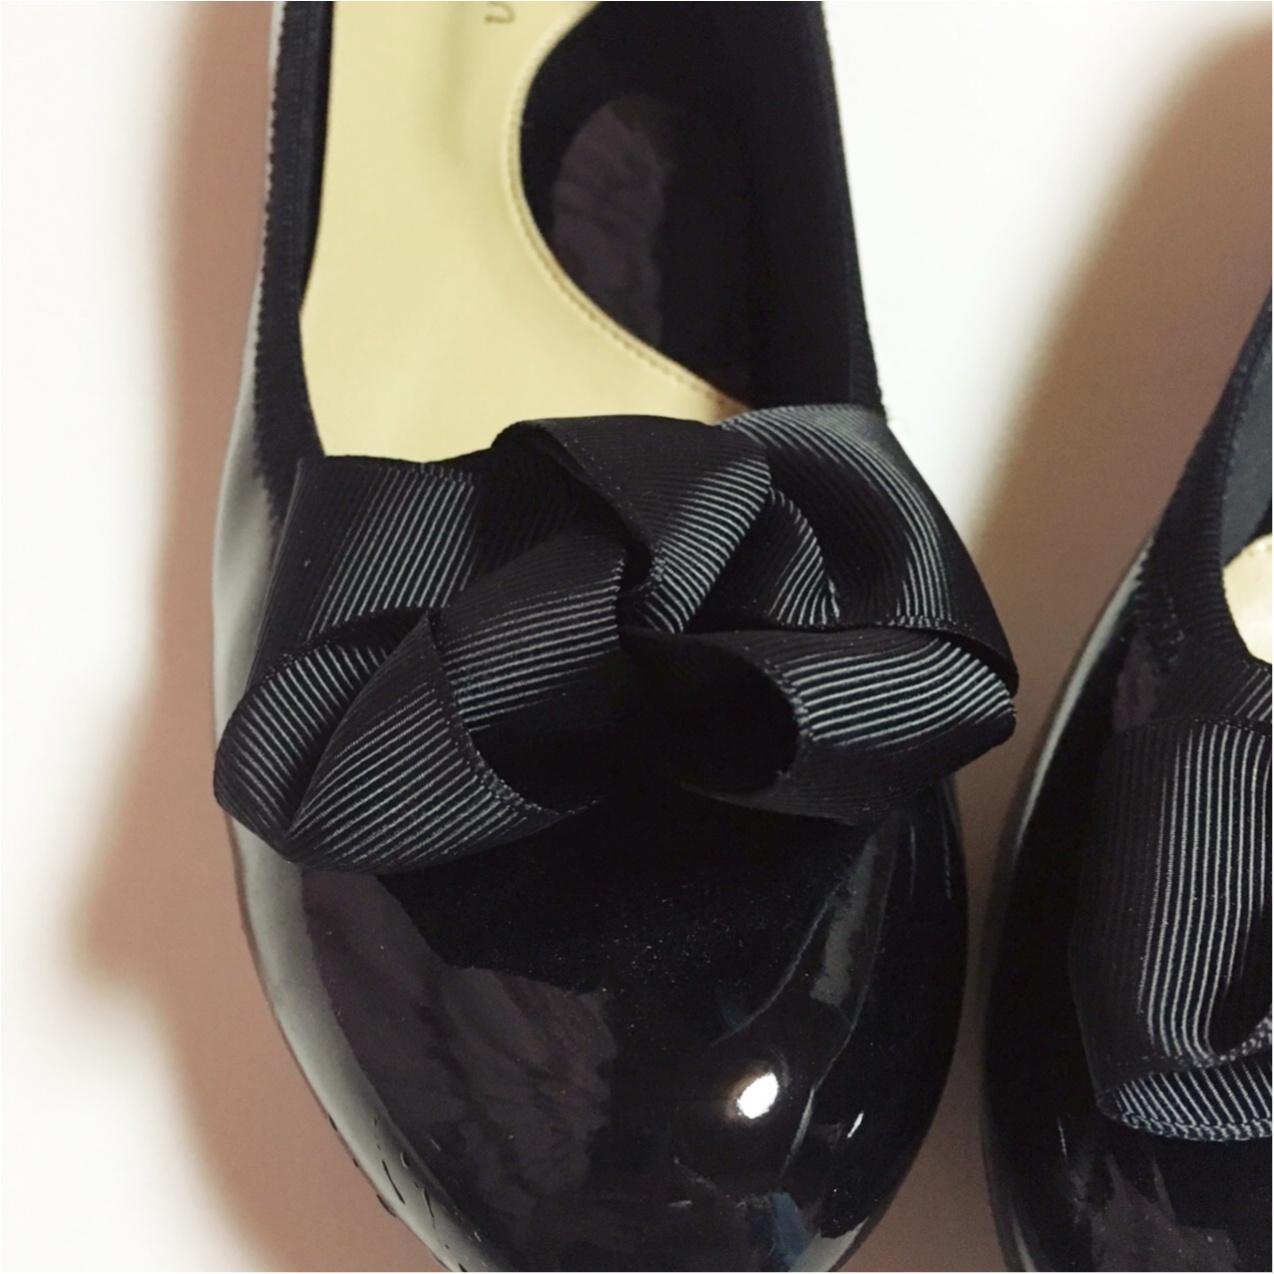 おしゃれではき心地のいい靴が欲しい!マルイのラクチンきれいパンプス♡_3